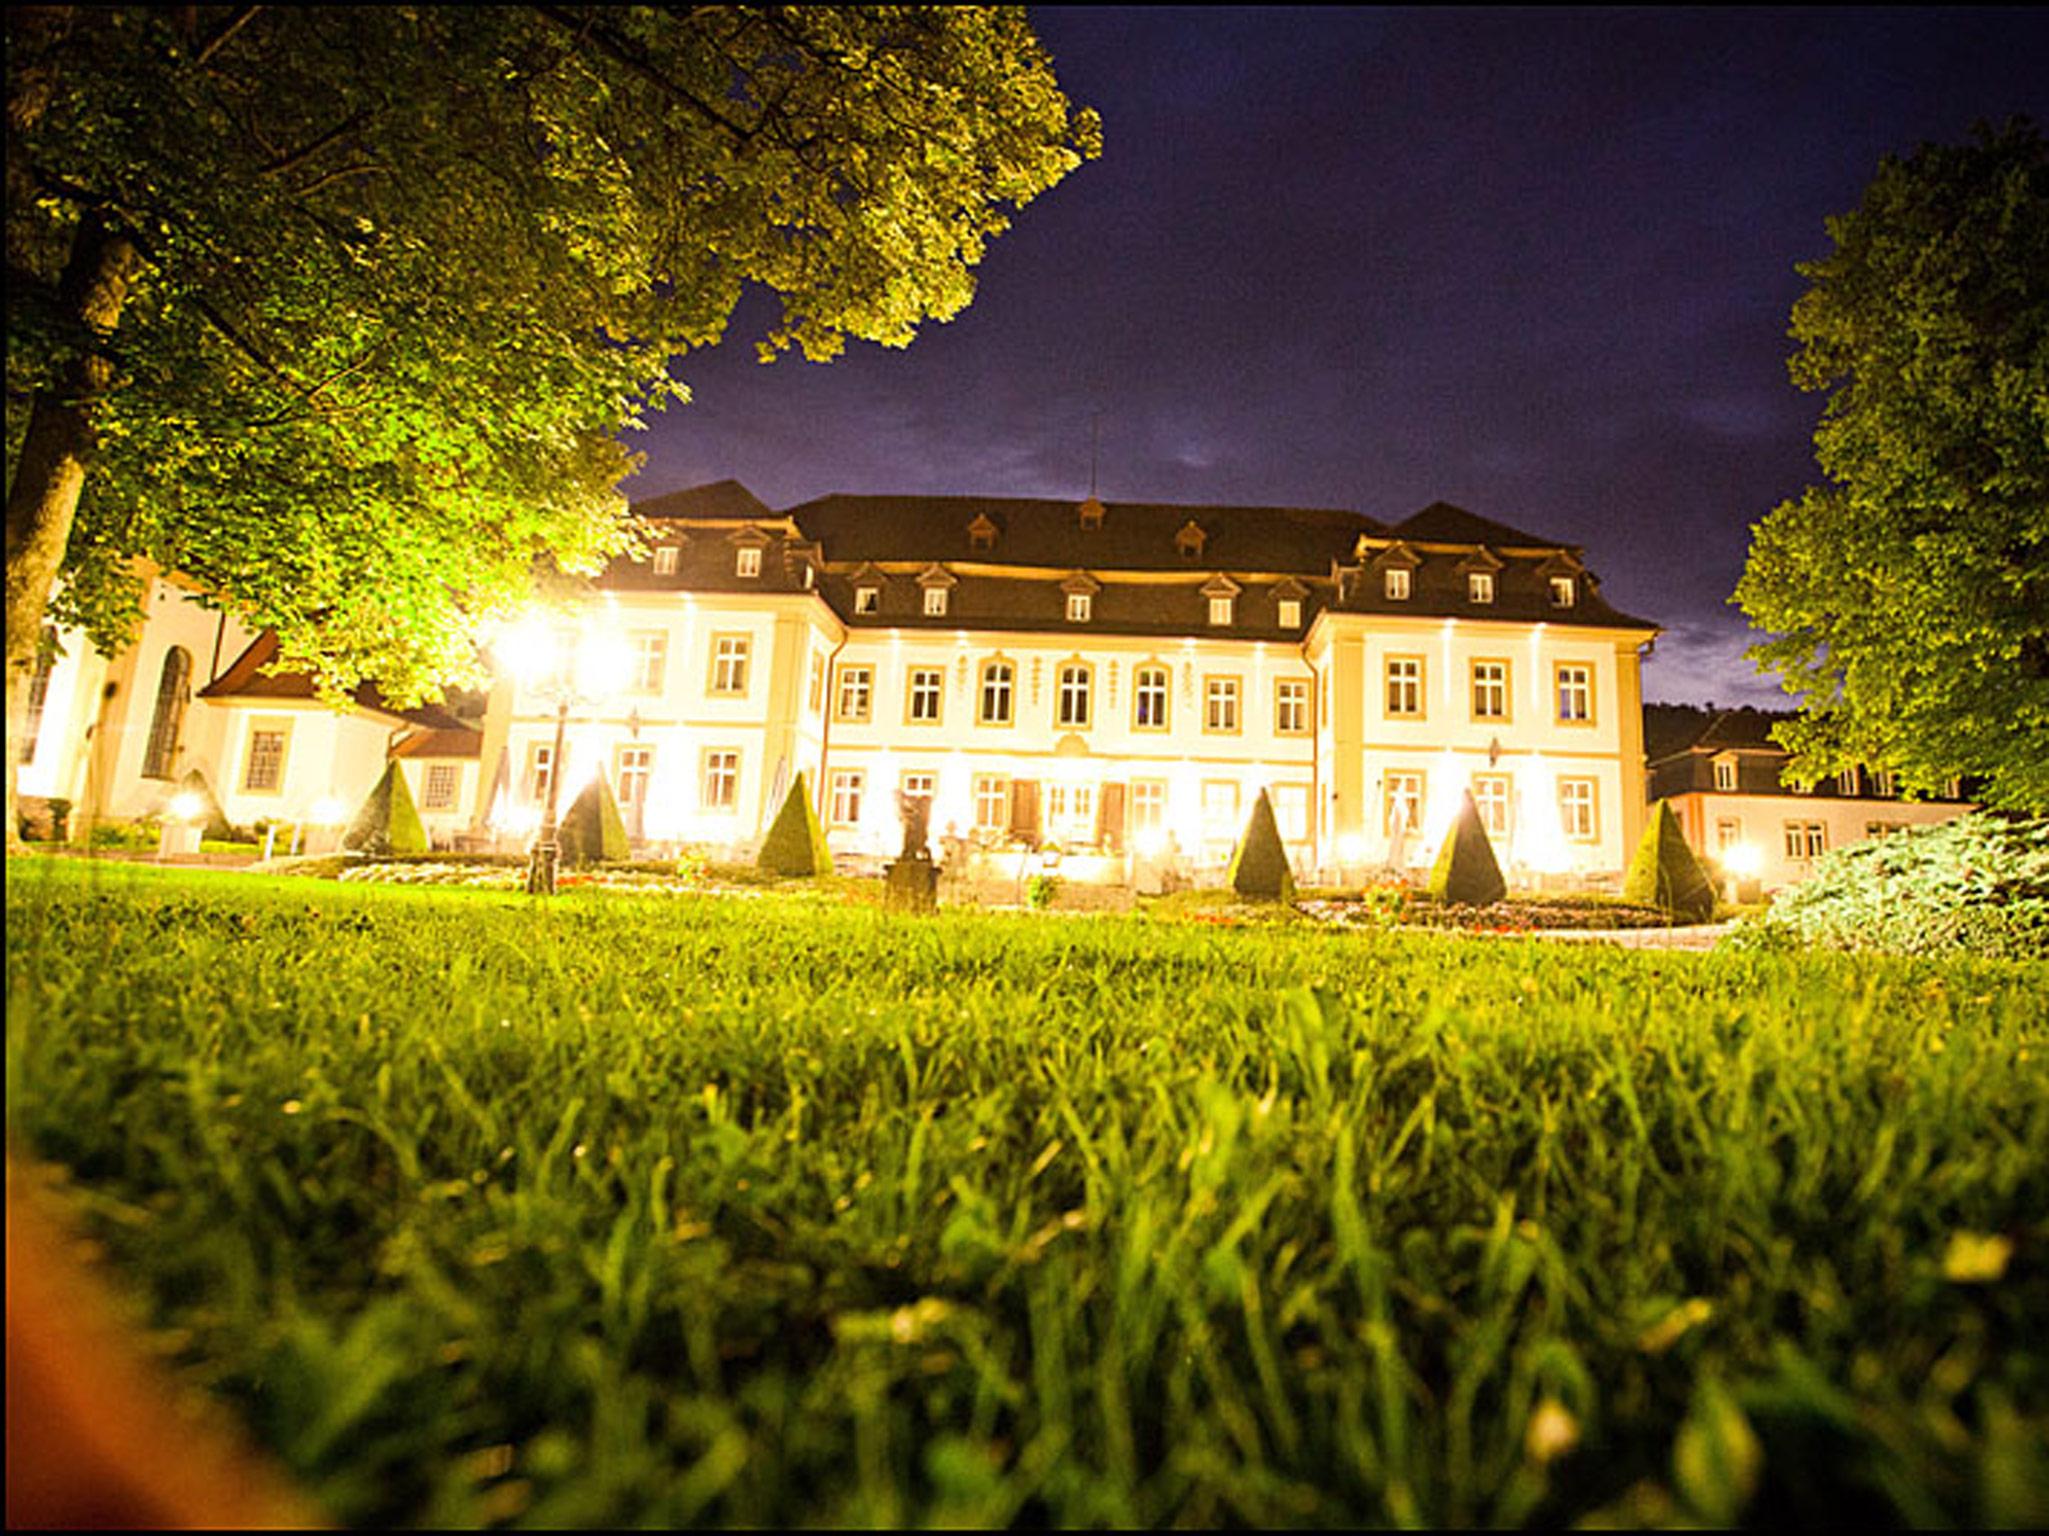 Rund-um-Service im Schlosshotel Bad Neustadt. Foto: Schlosshotel Bad Neustadt